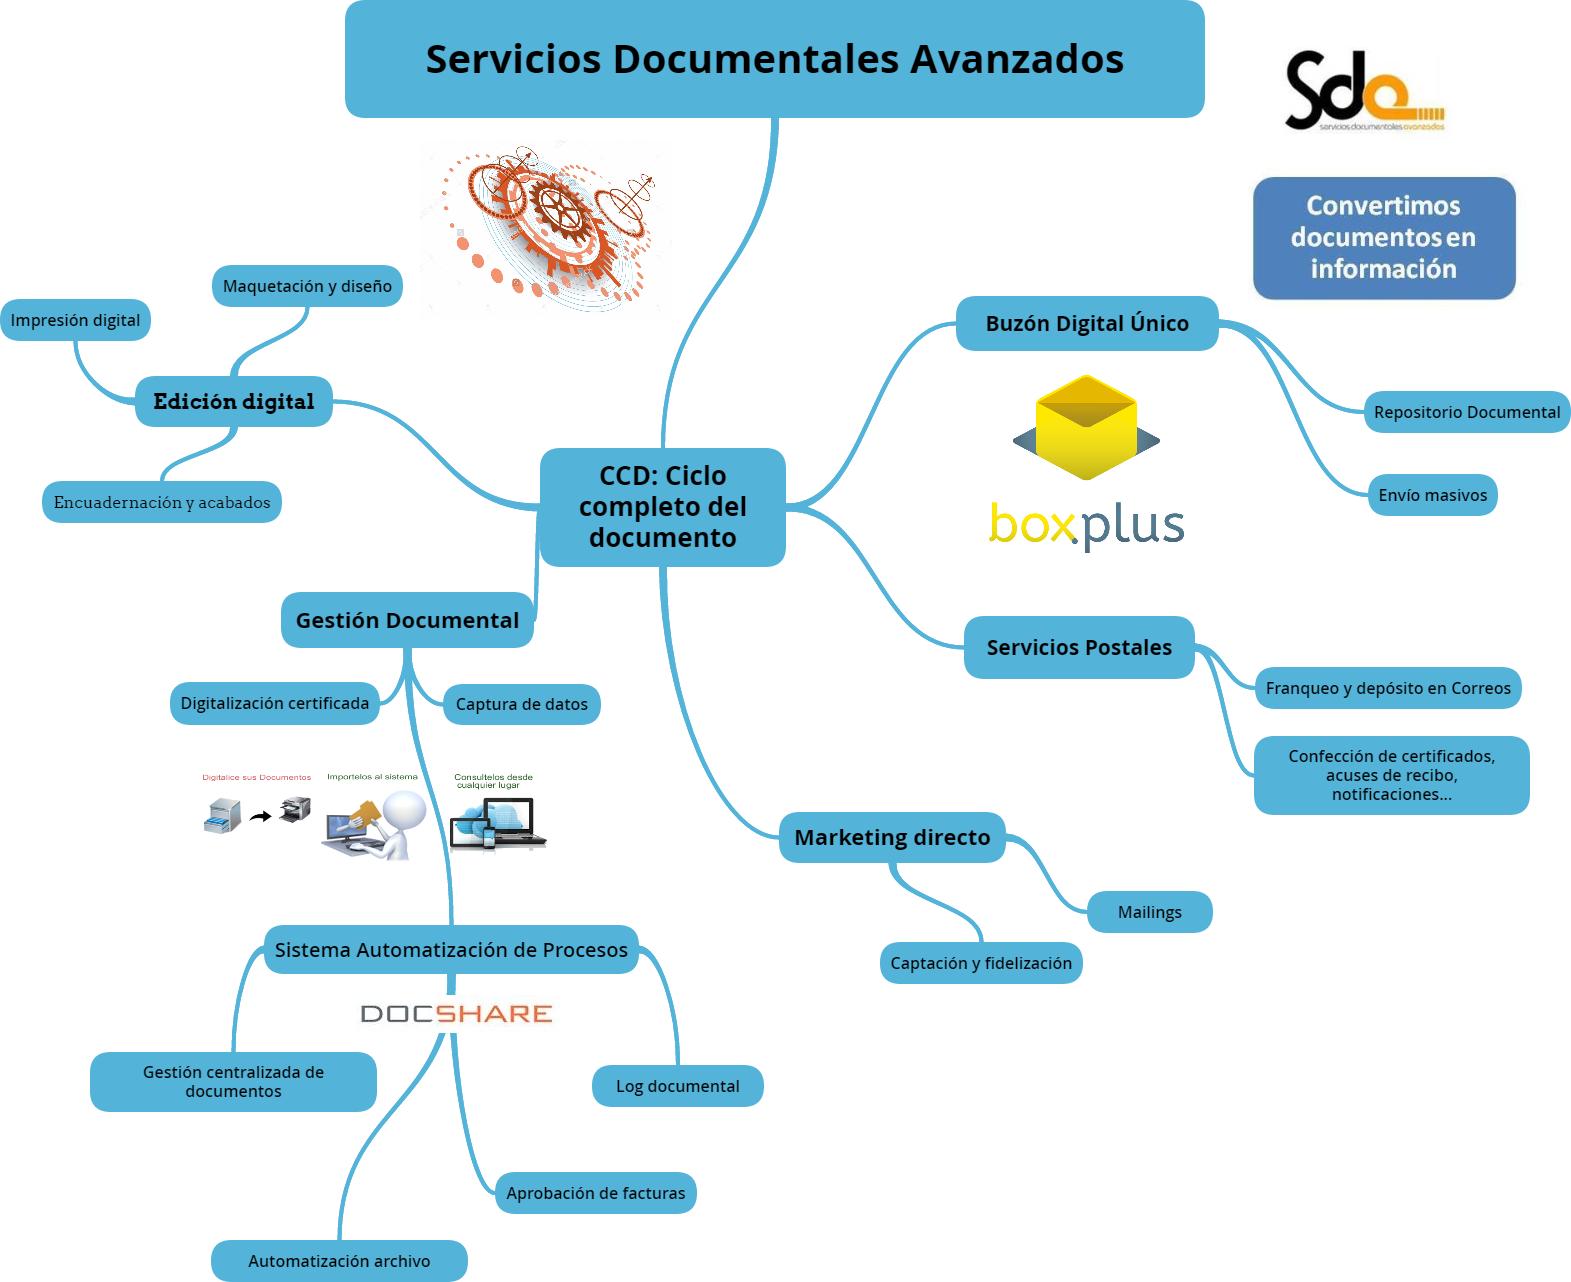 Servicios Documentales Avanzados